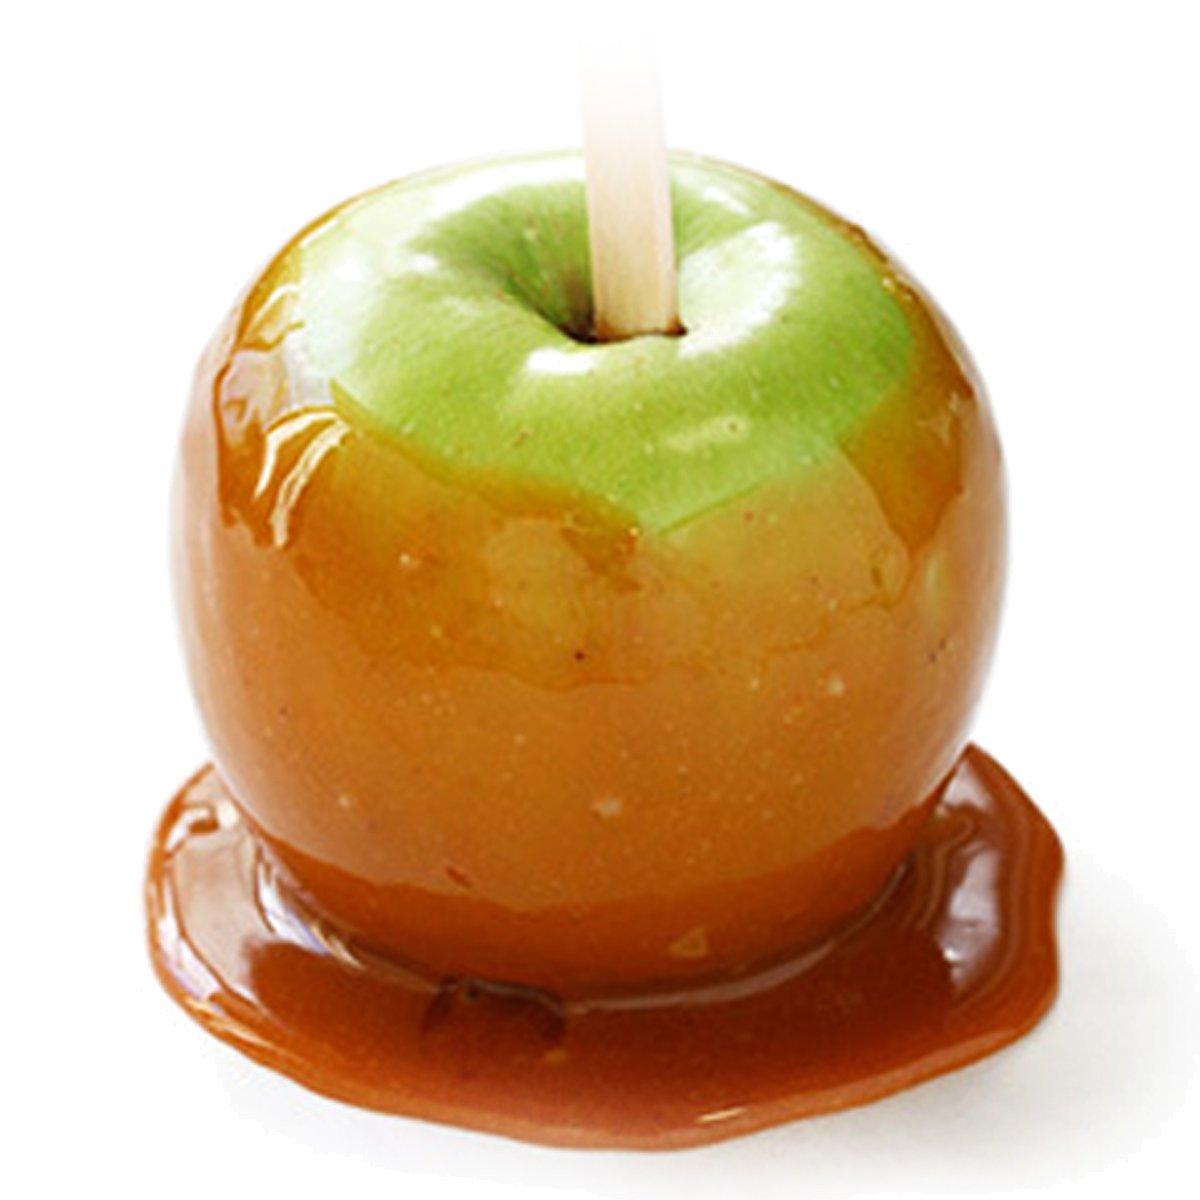 Apple Bobbers 50/50 PG/VG